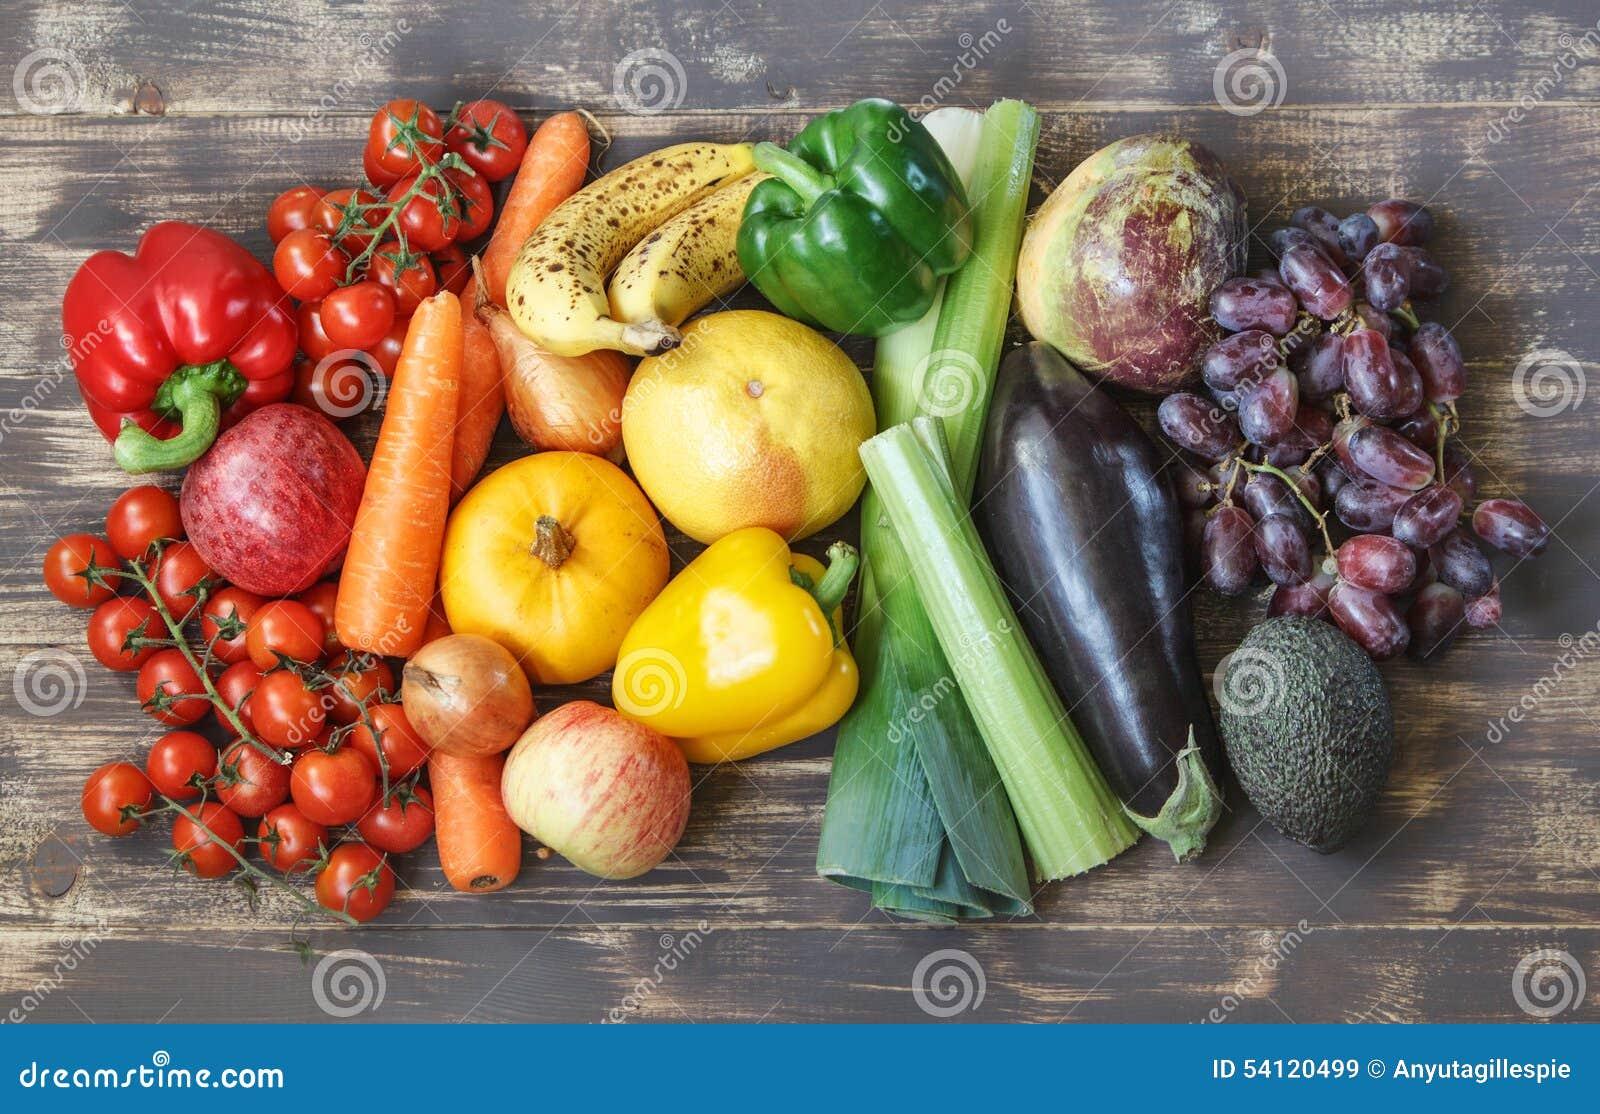 Φωτογραφίες τροφίμων με τα φρούτα και λαχανικά σε ένα σχεδιάγραμμα ουράνιων τόξων